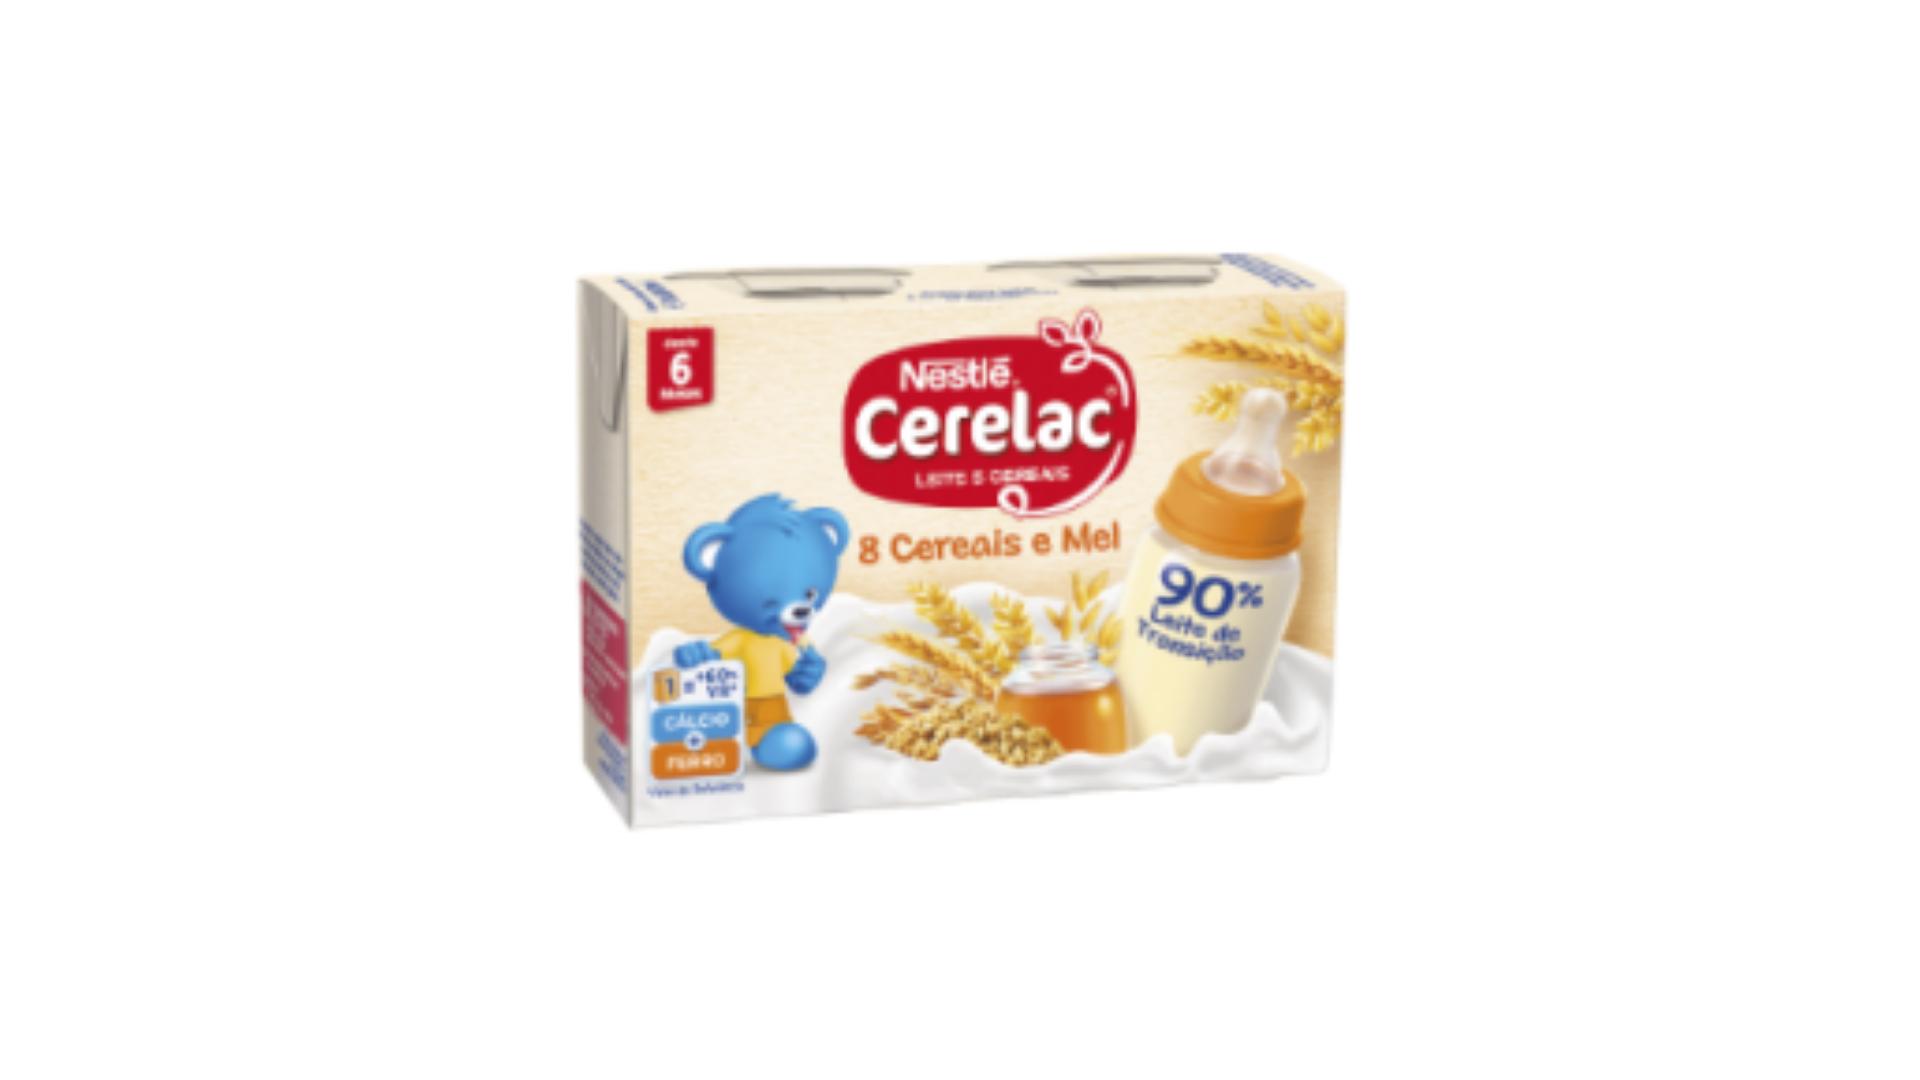 Cerelac | Leite e Cereais 8 Cereais e Mel 2x200ml